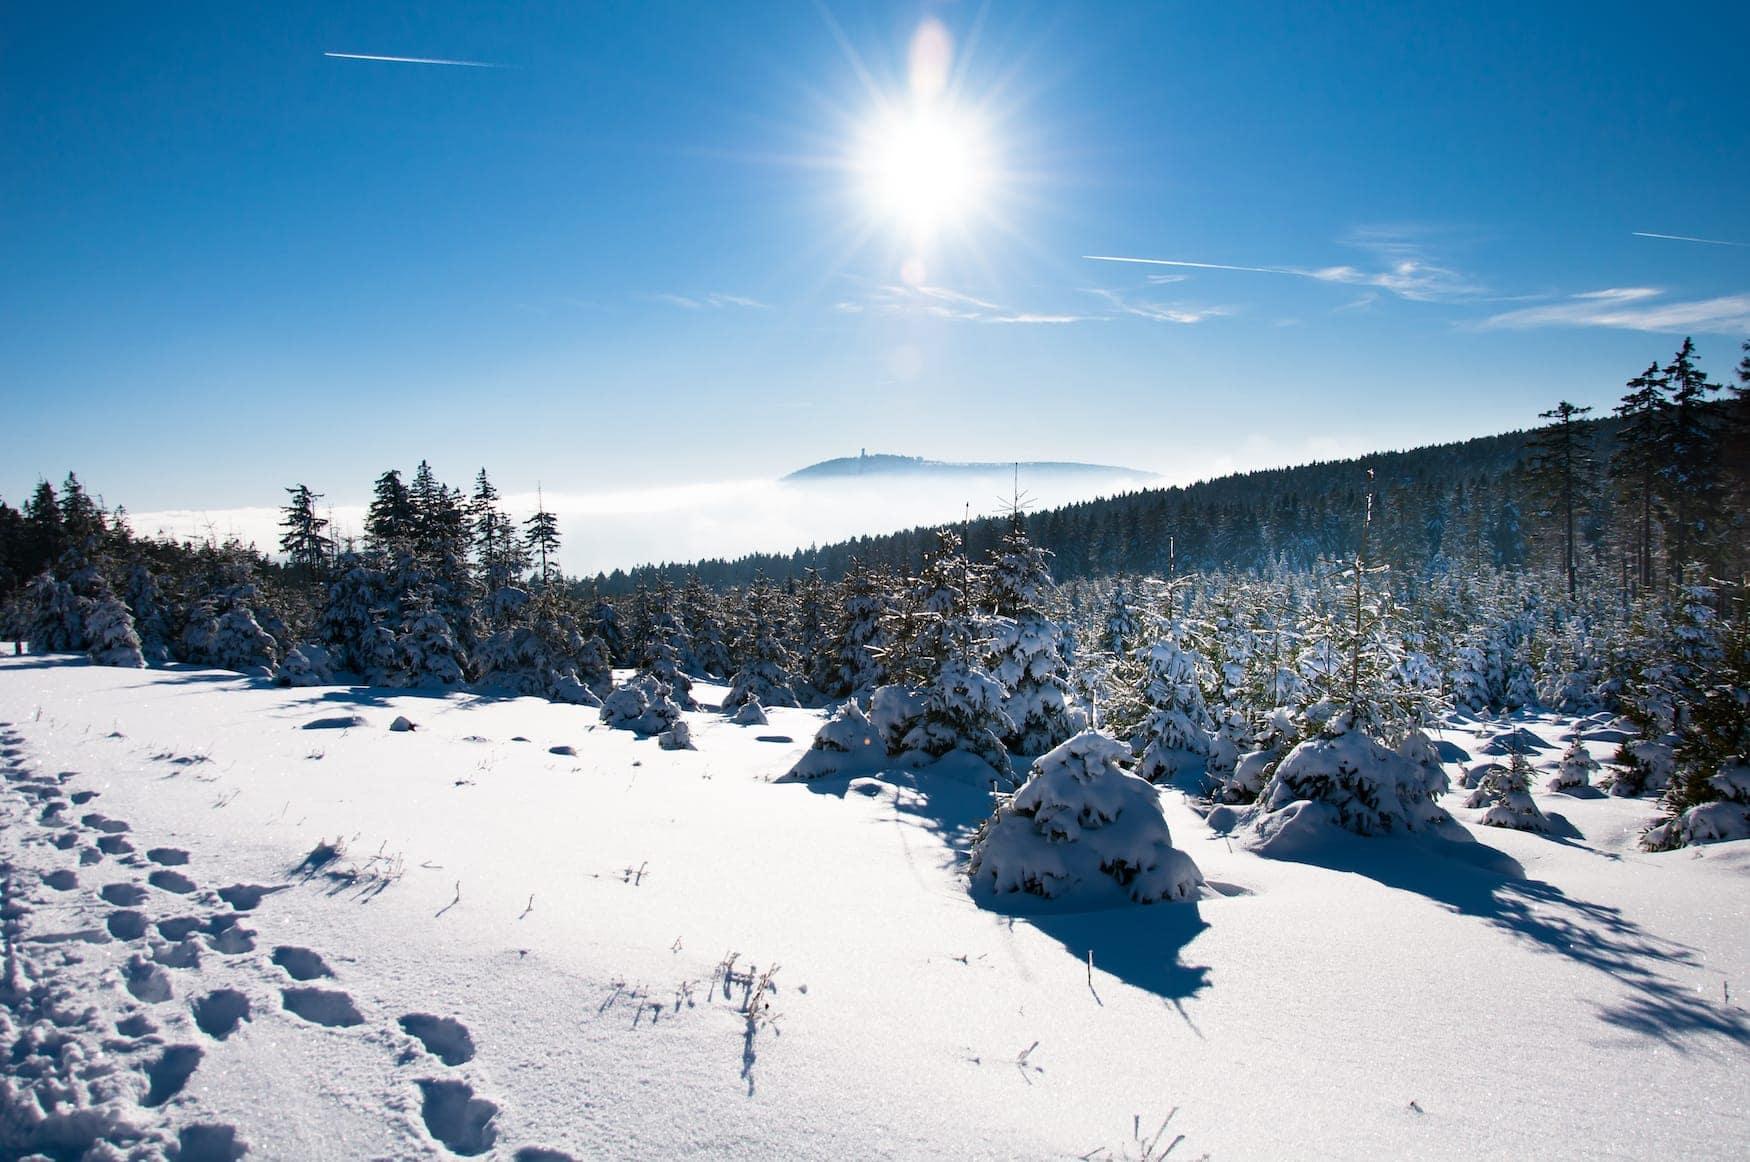 Sonne scheint über verschneiten Gipfeln im Harz, Deutschland